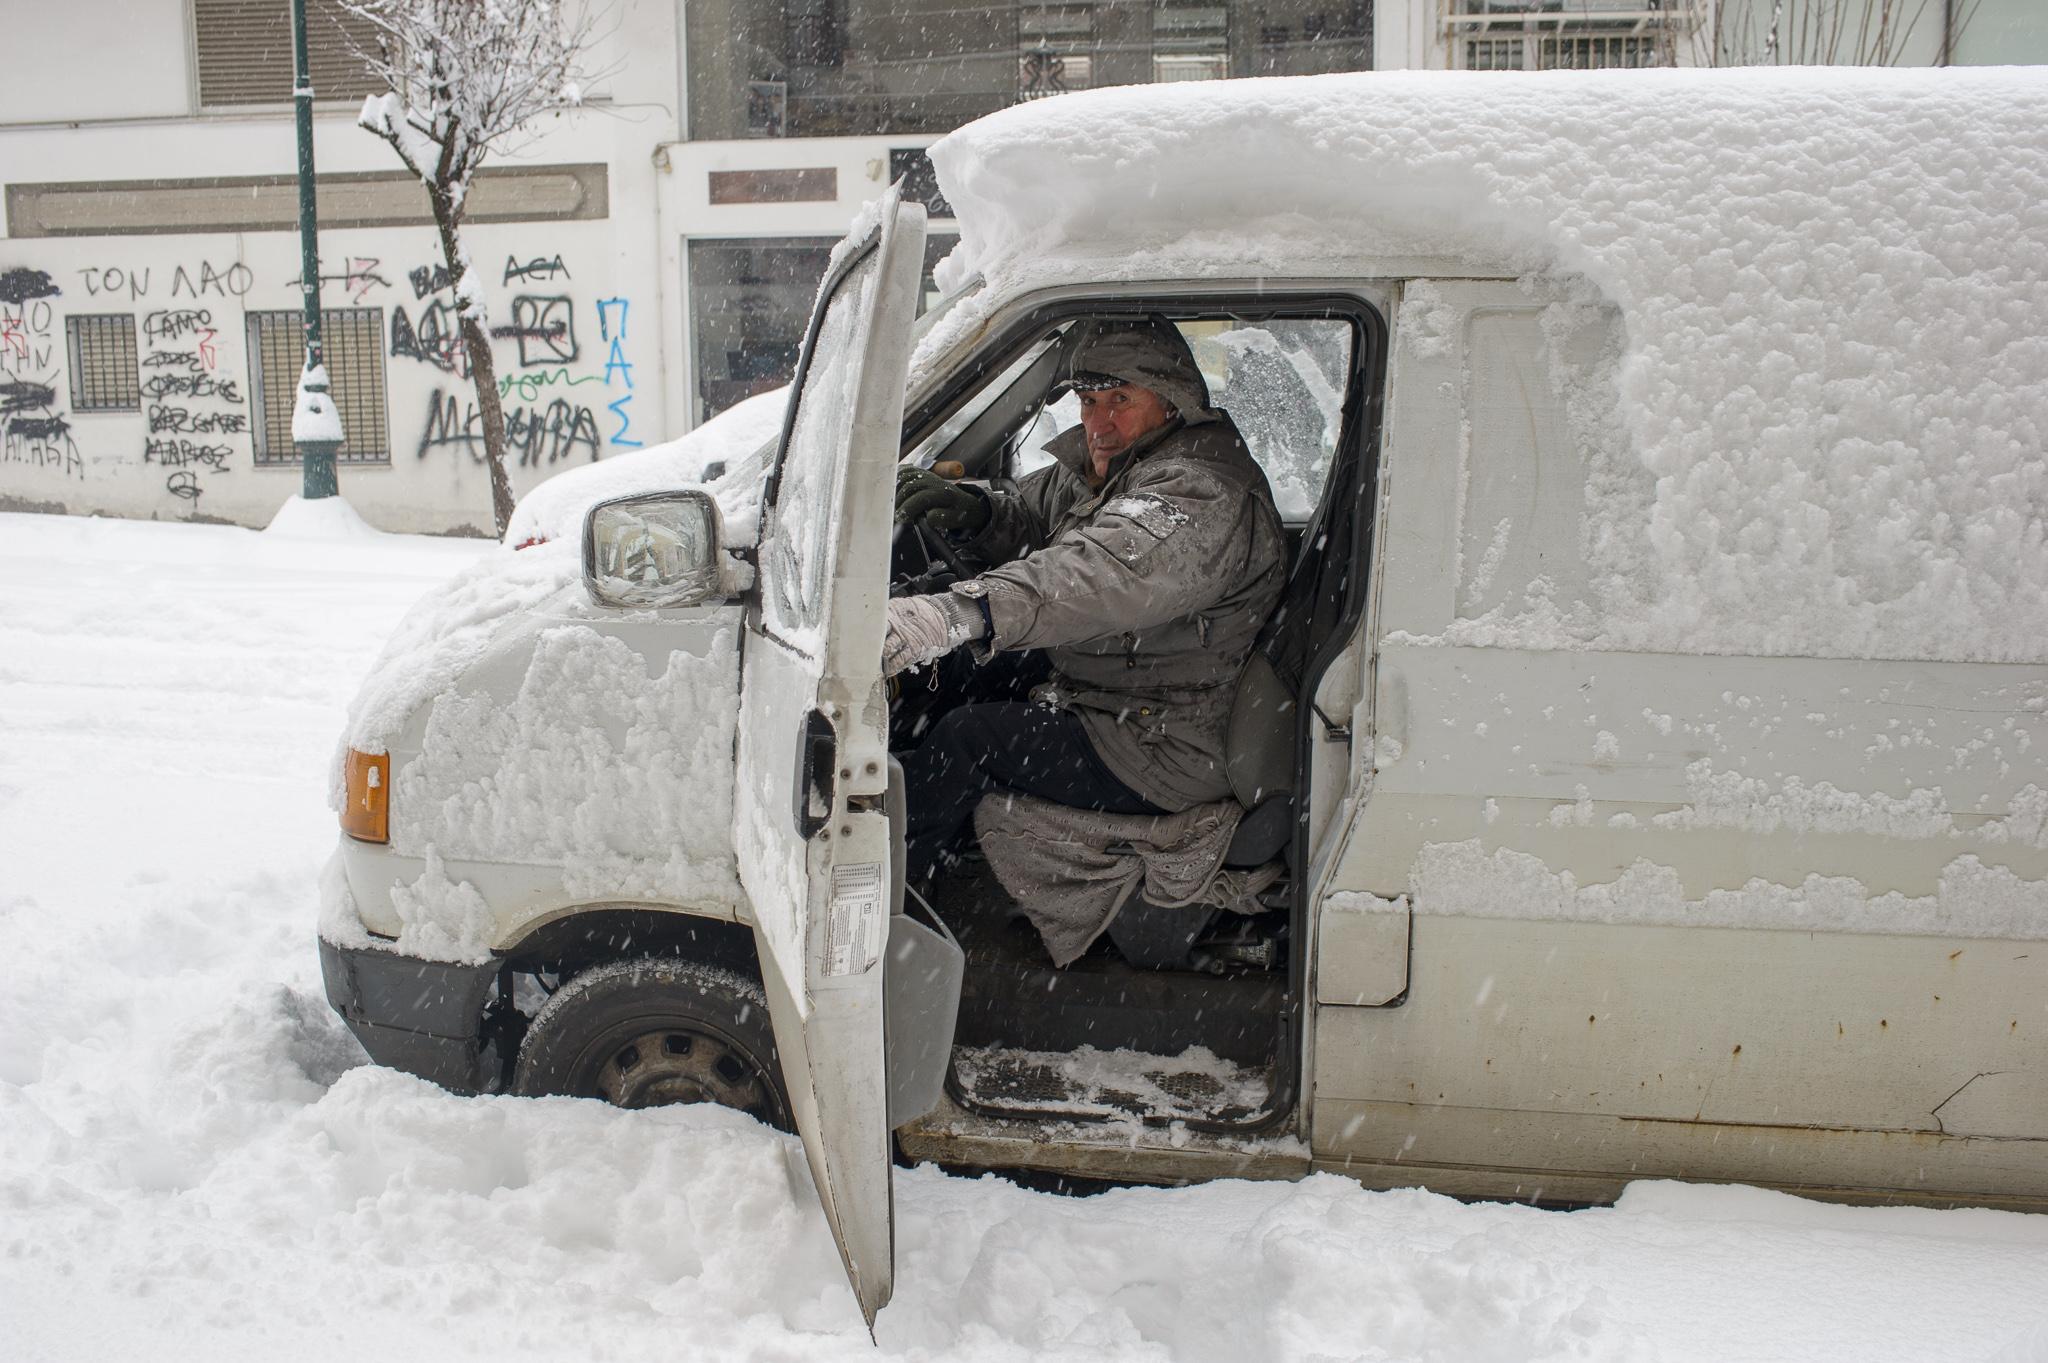 Αποτέλεσμα εικόνας για Χιόνια στην Ανω Χωρα